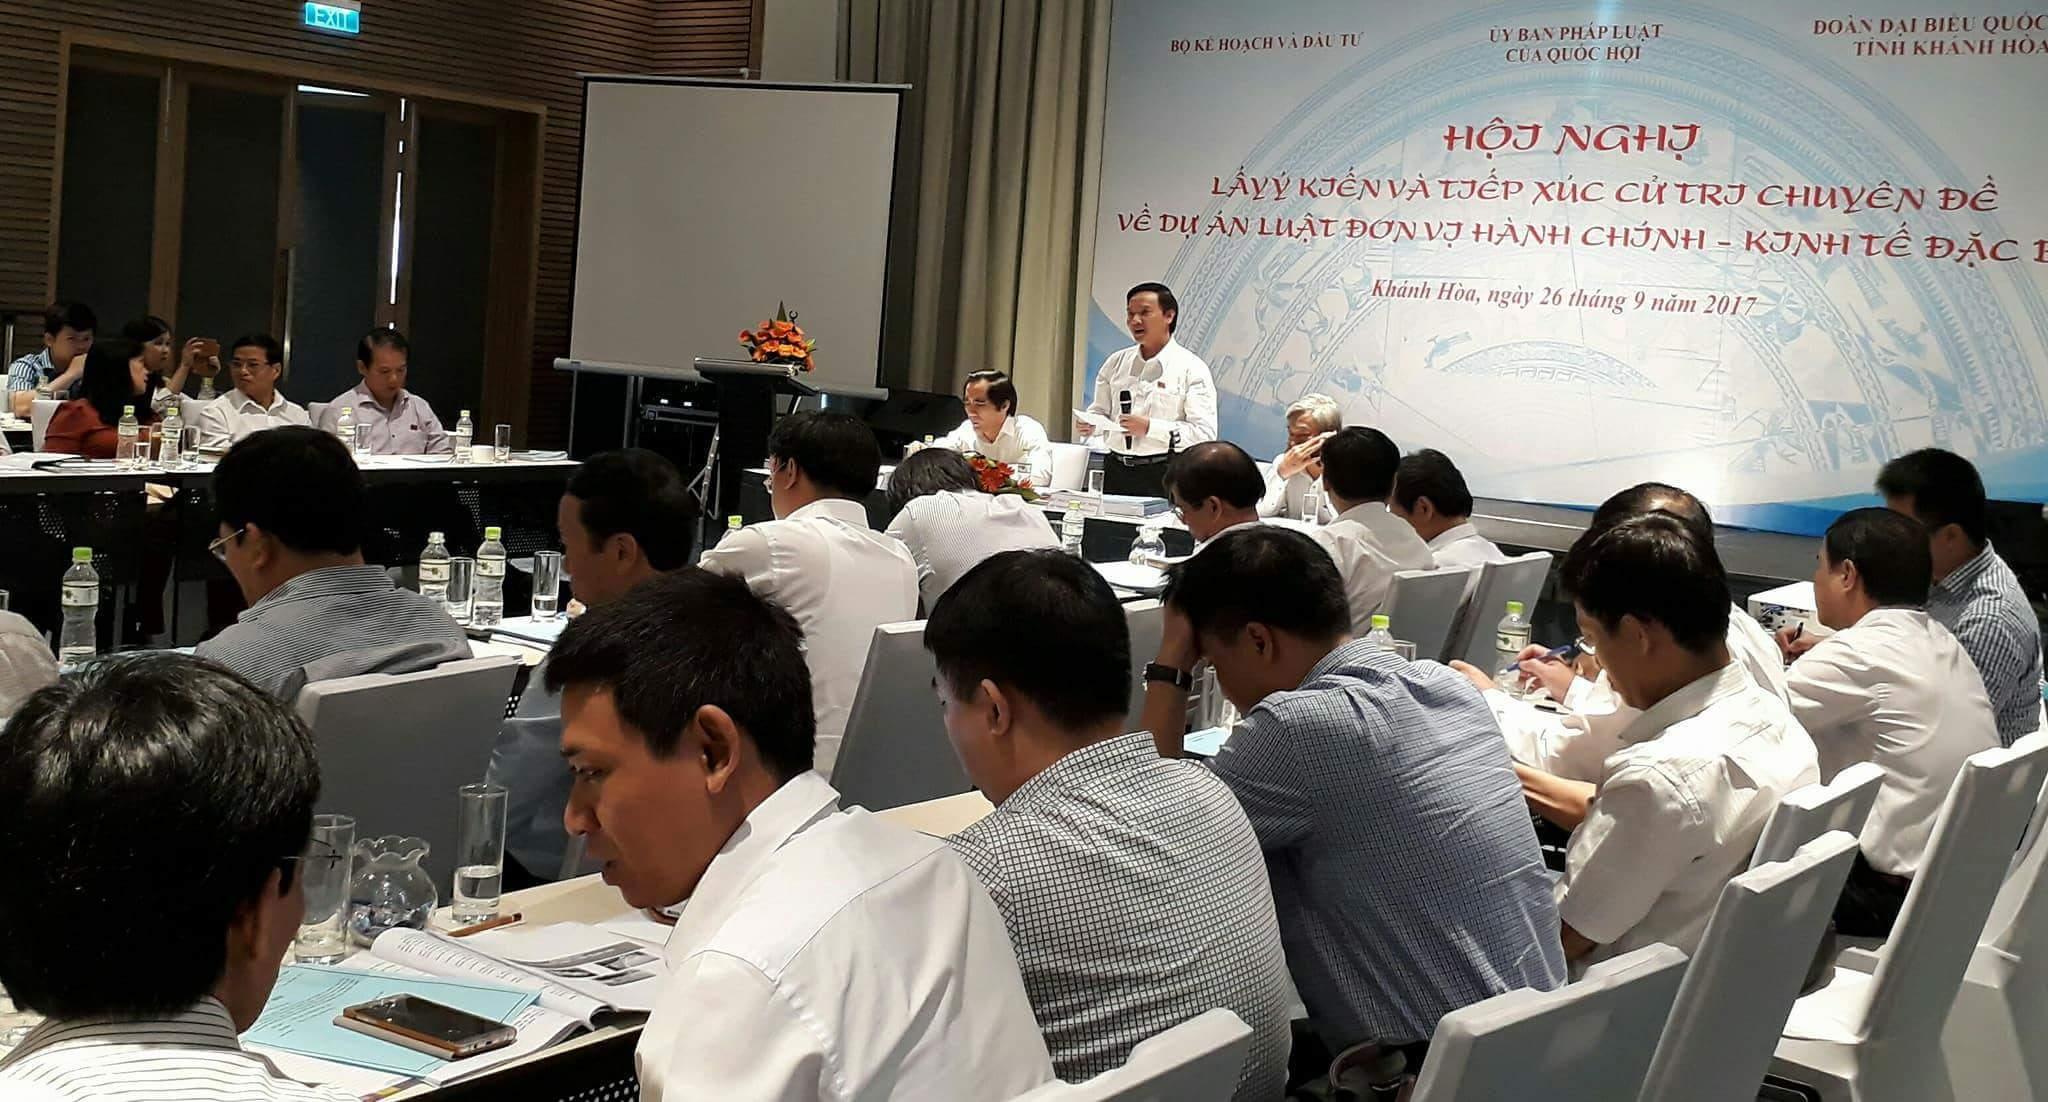 Đặc khu kinh tế, Khánh Hòa, Bộ Nội vụ, Thứ trưởng Nội vụ Trần Anh Tuấn